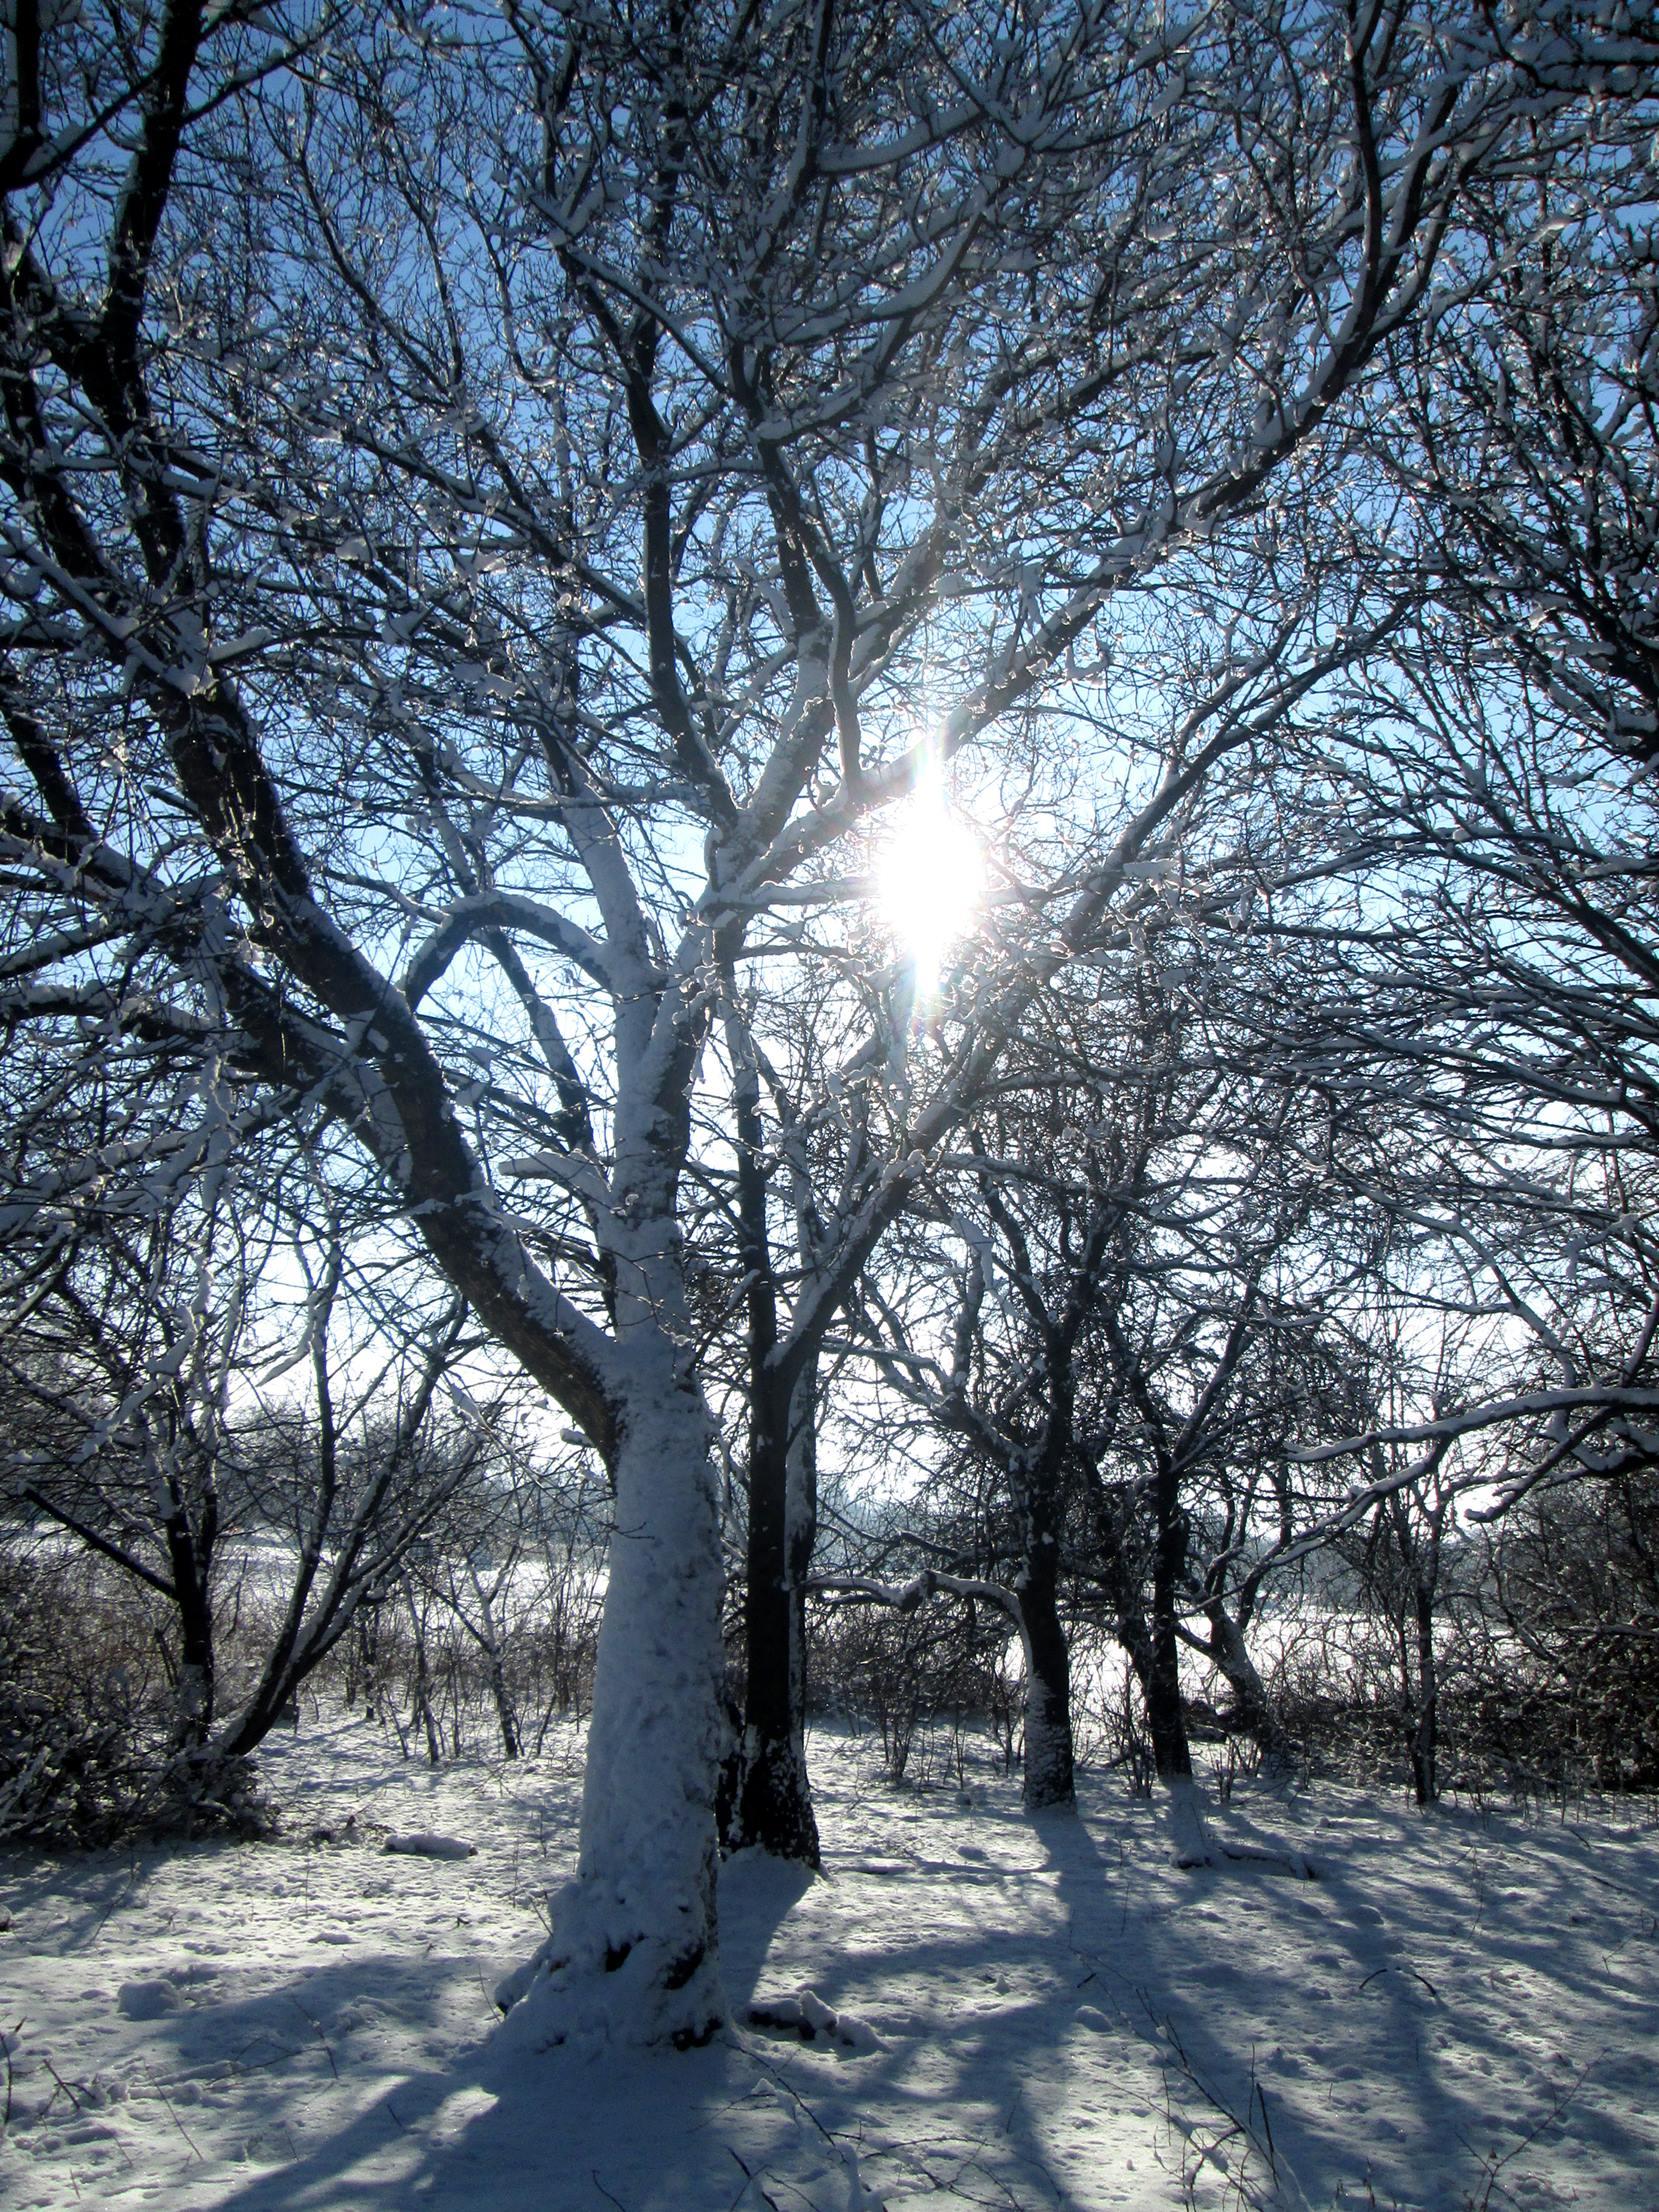 Winter trees photo 4